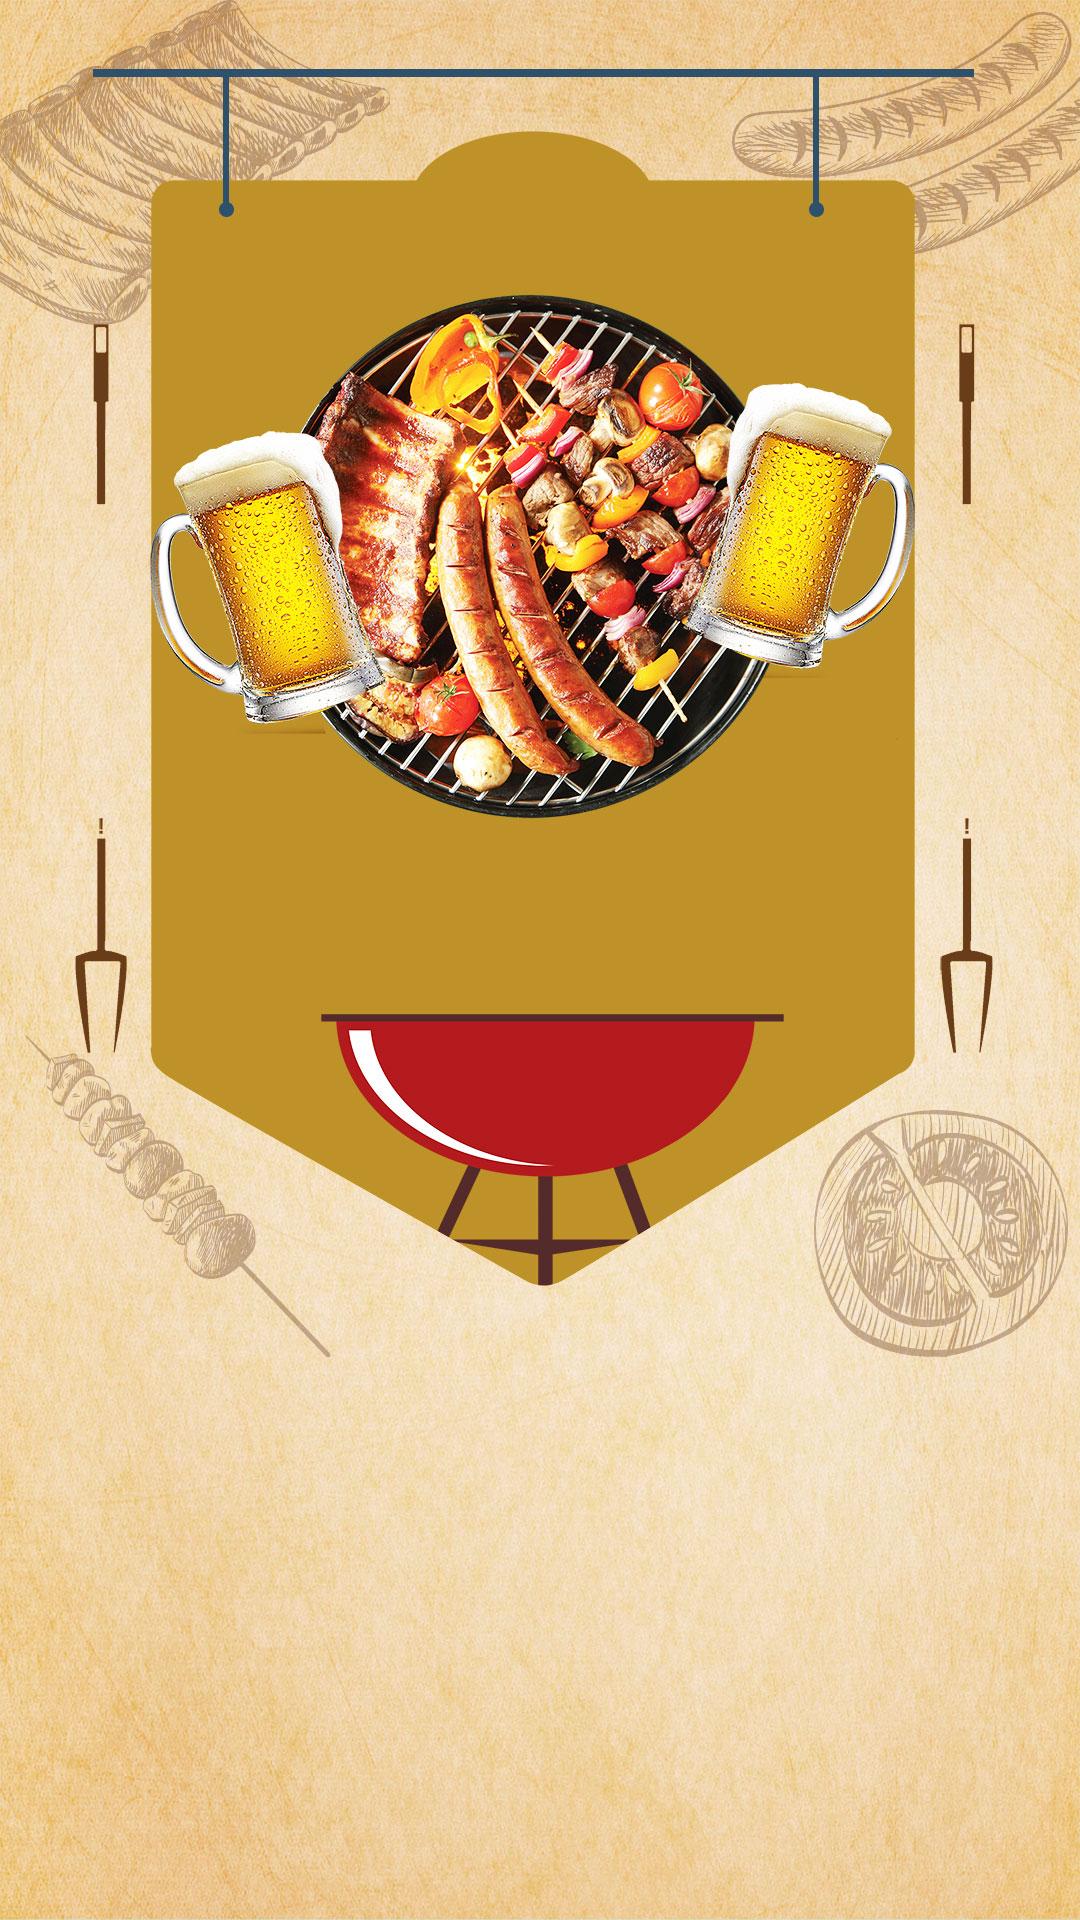 material de fundo de promo u00e7 u00e3o churrasqueira gourmet h5